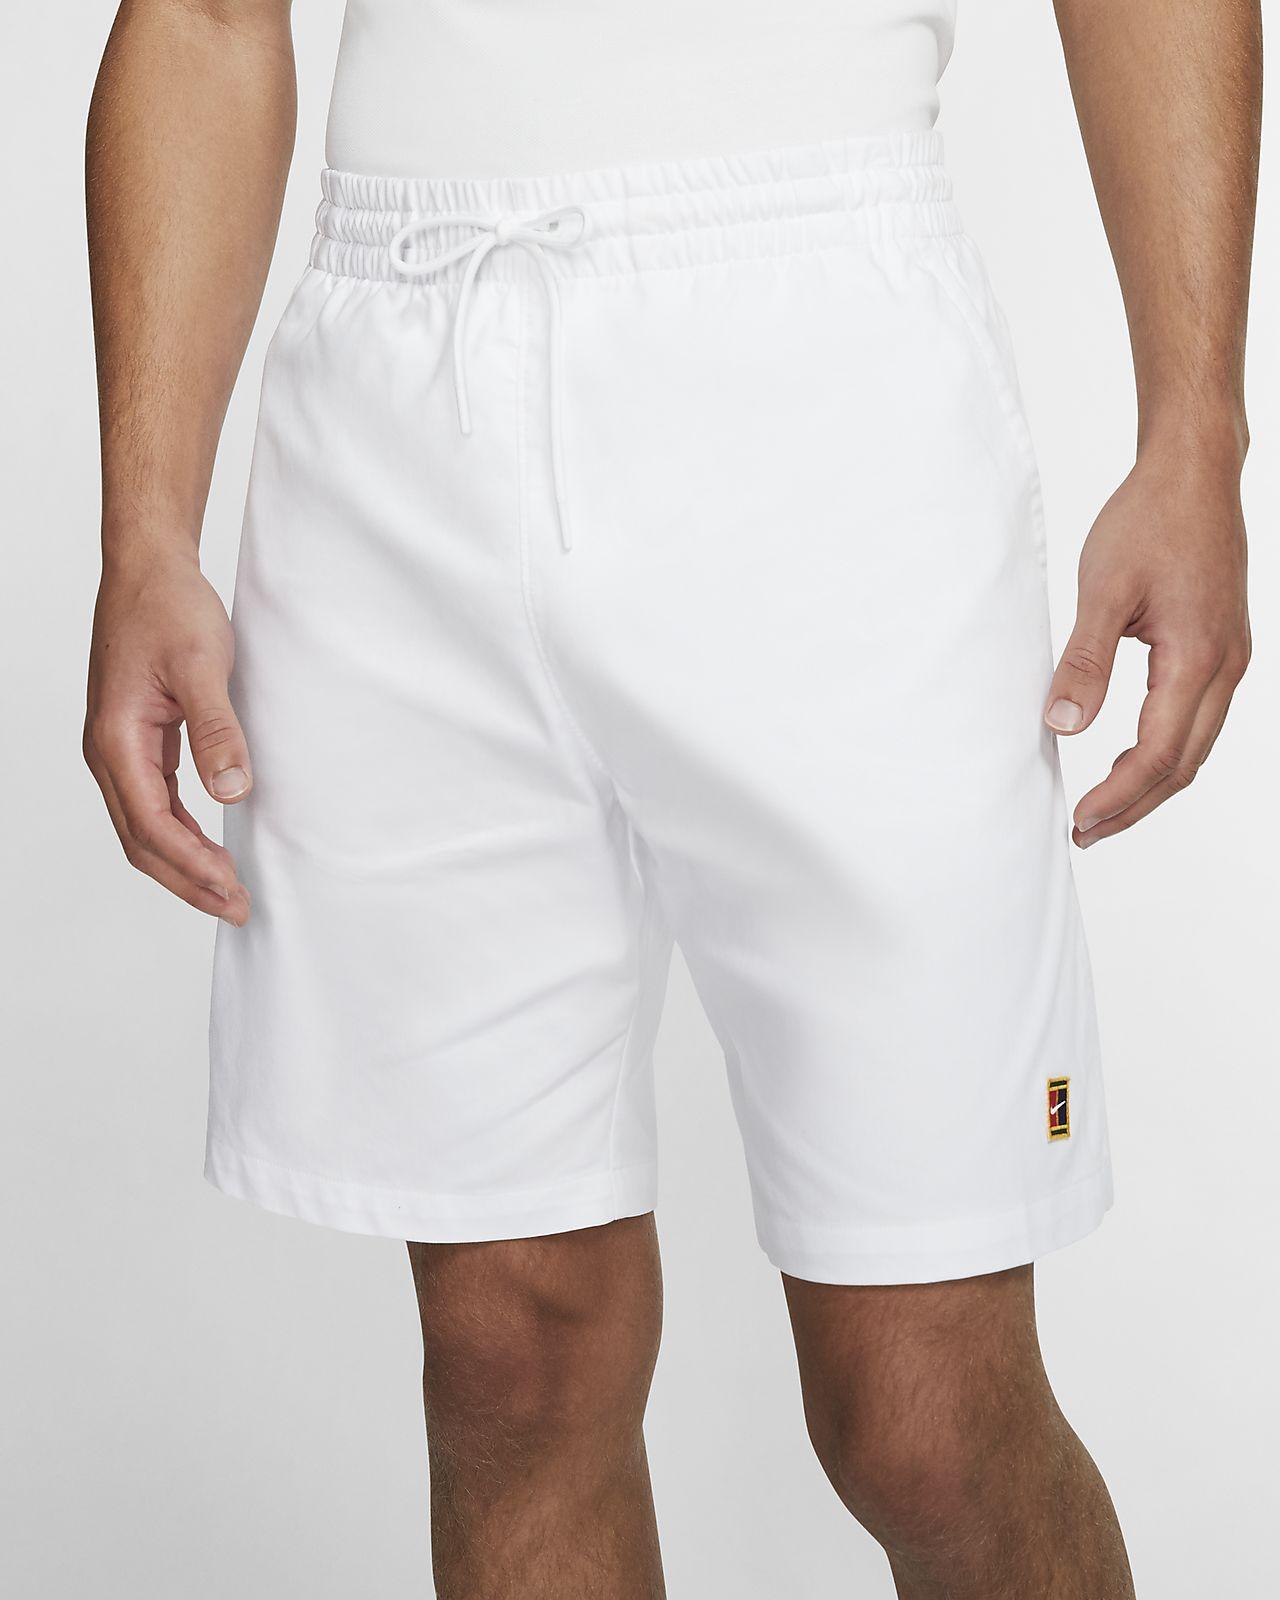 NikeCourt-tennisshorts til mænd